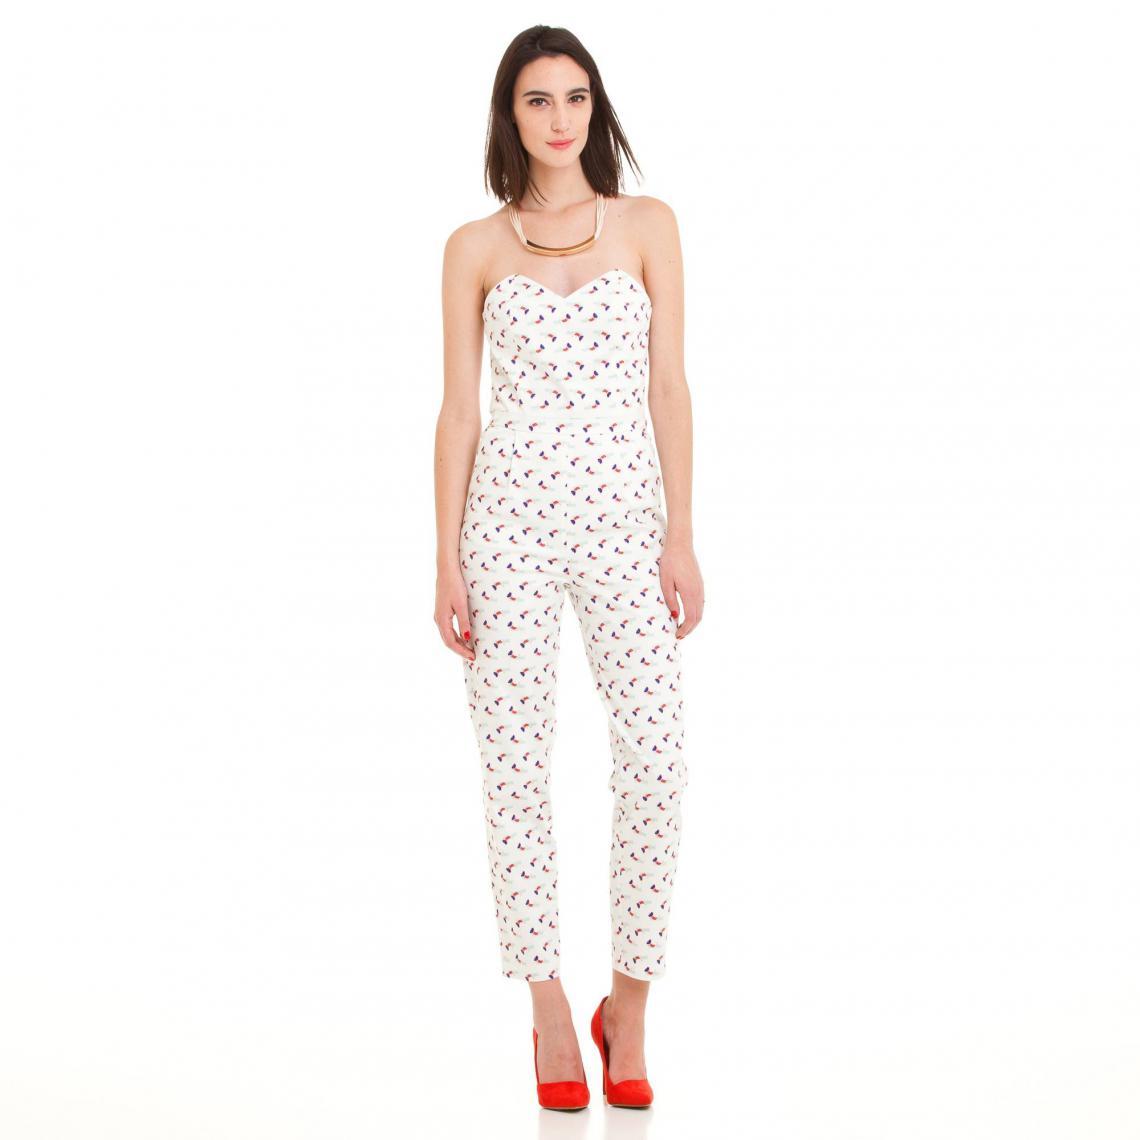 Combinaison pantalon-bustier imprimée - 3 SUISSES - Modalova